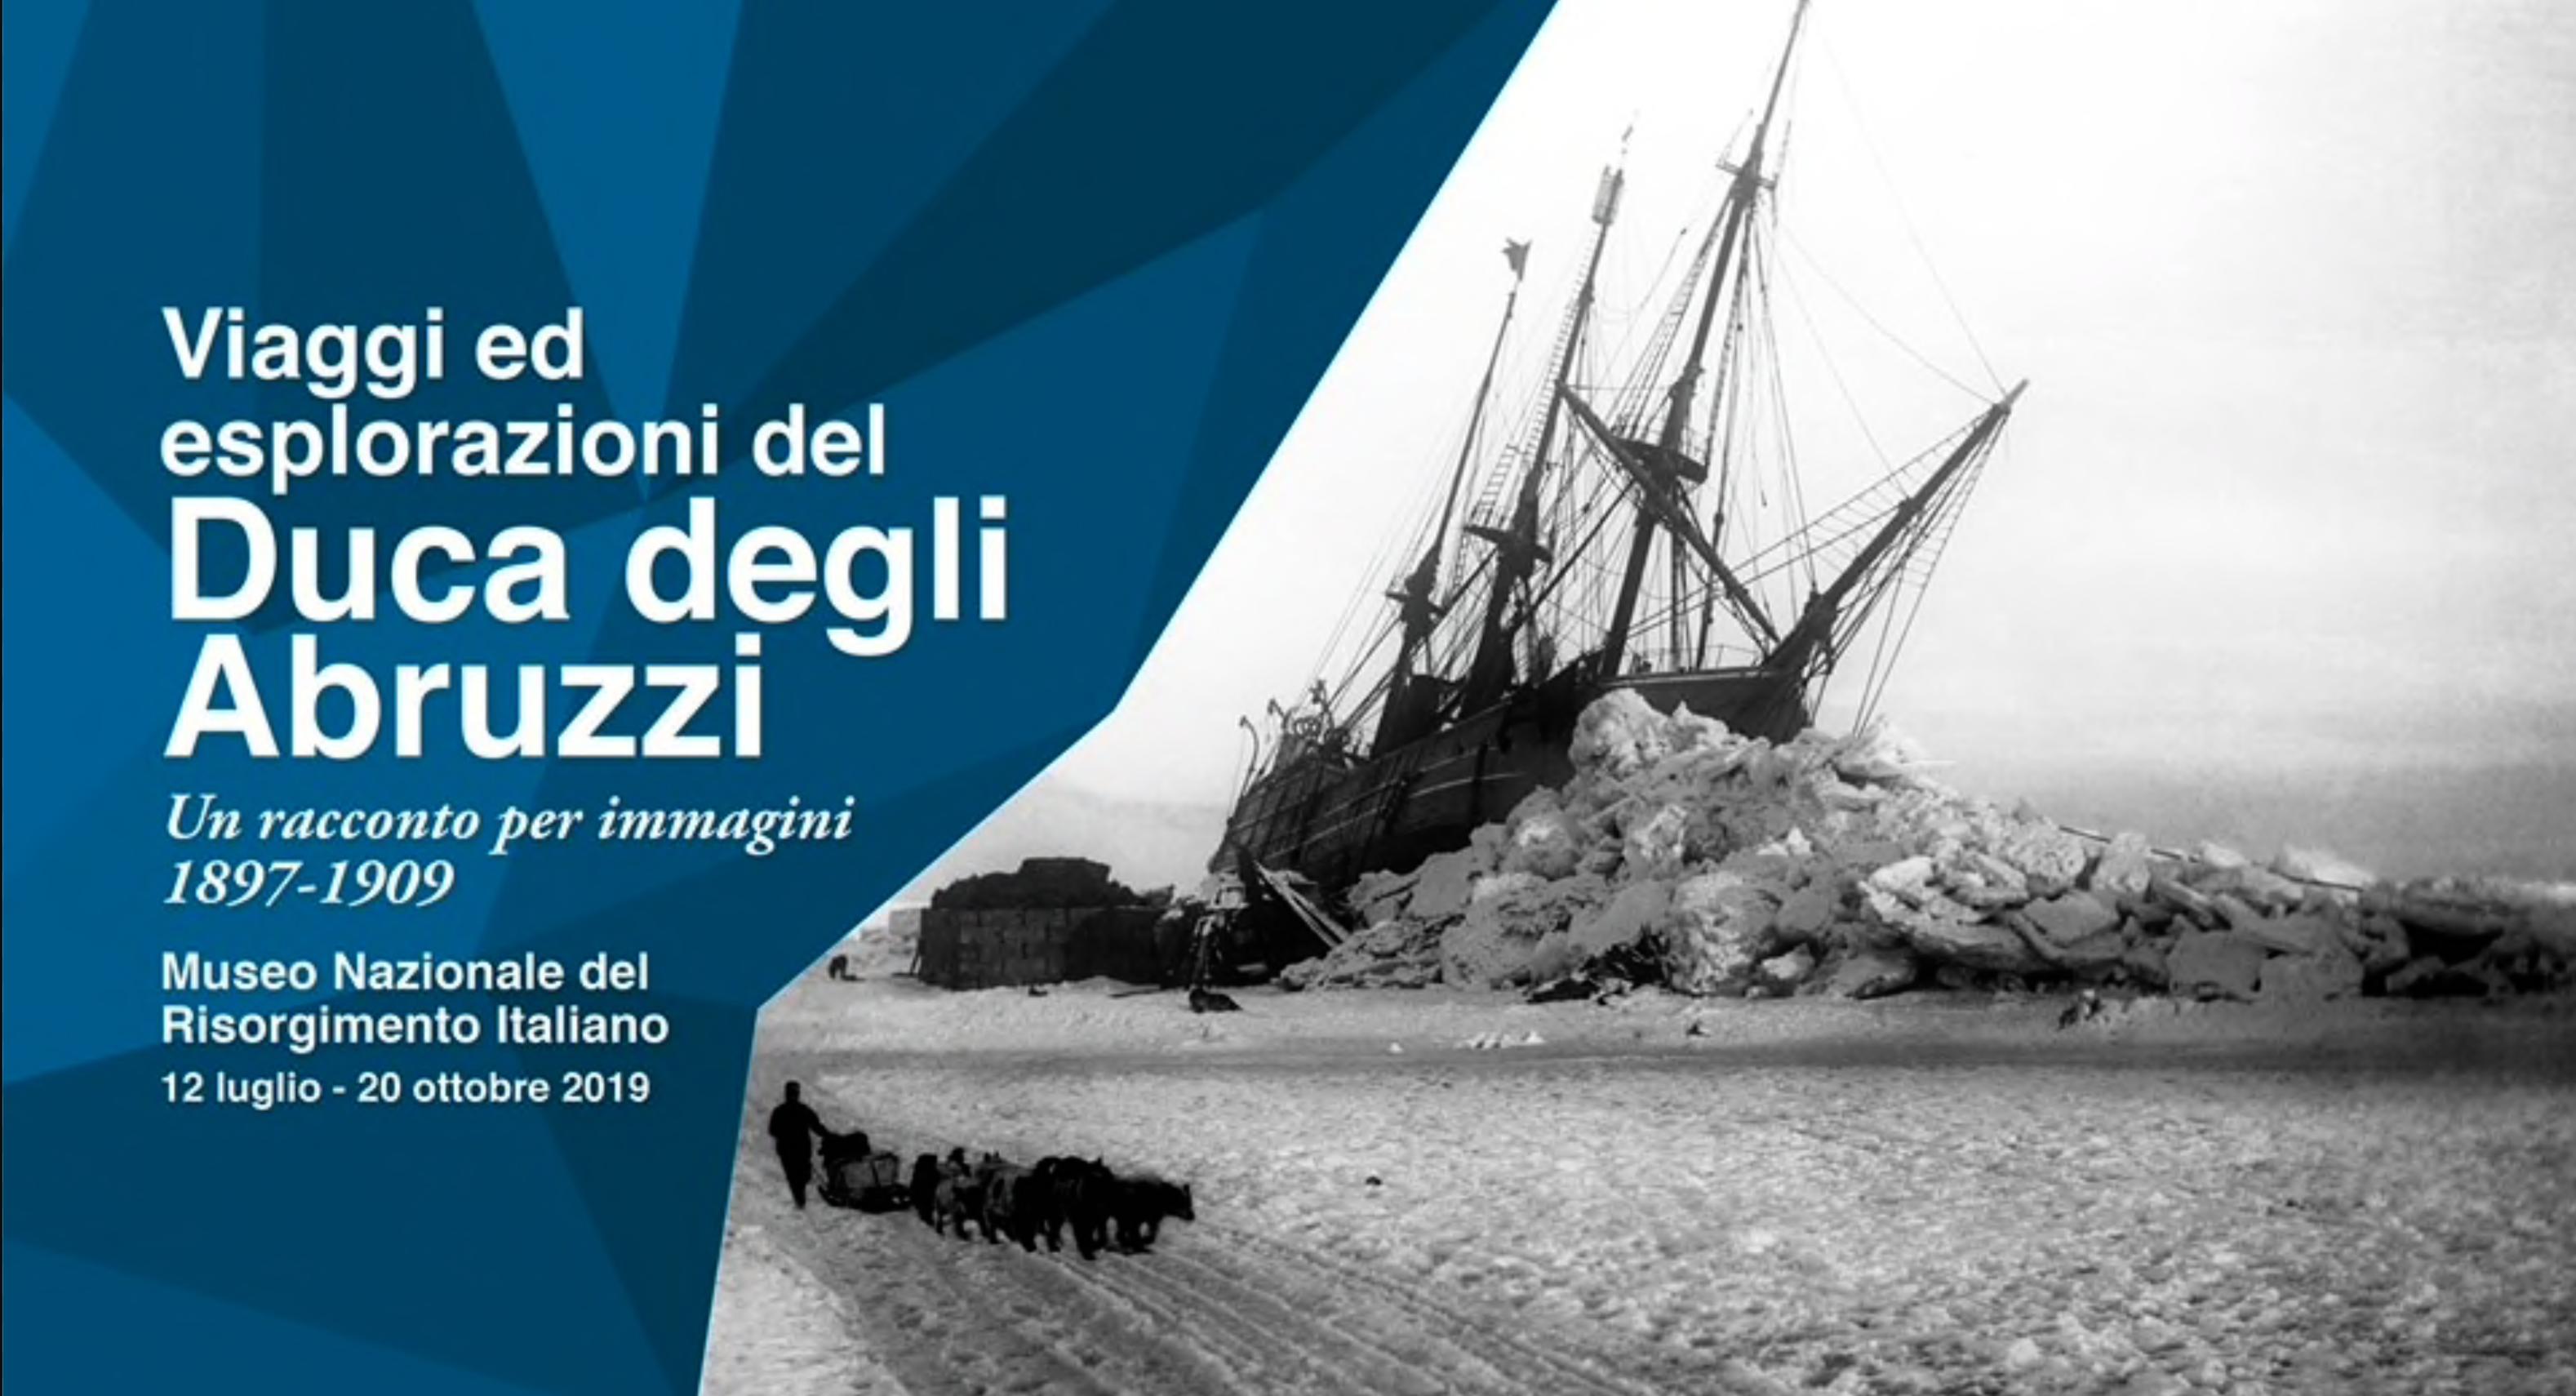 Viaggi ed esplorazioni del Duca degli Abruzzi: Un Racconto per Immagini 1897-1909